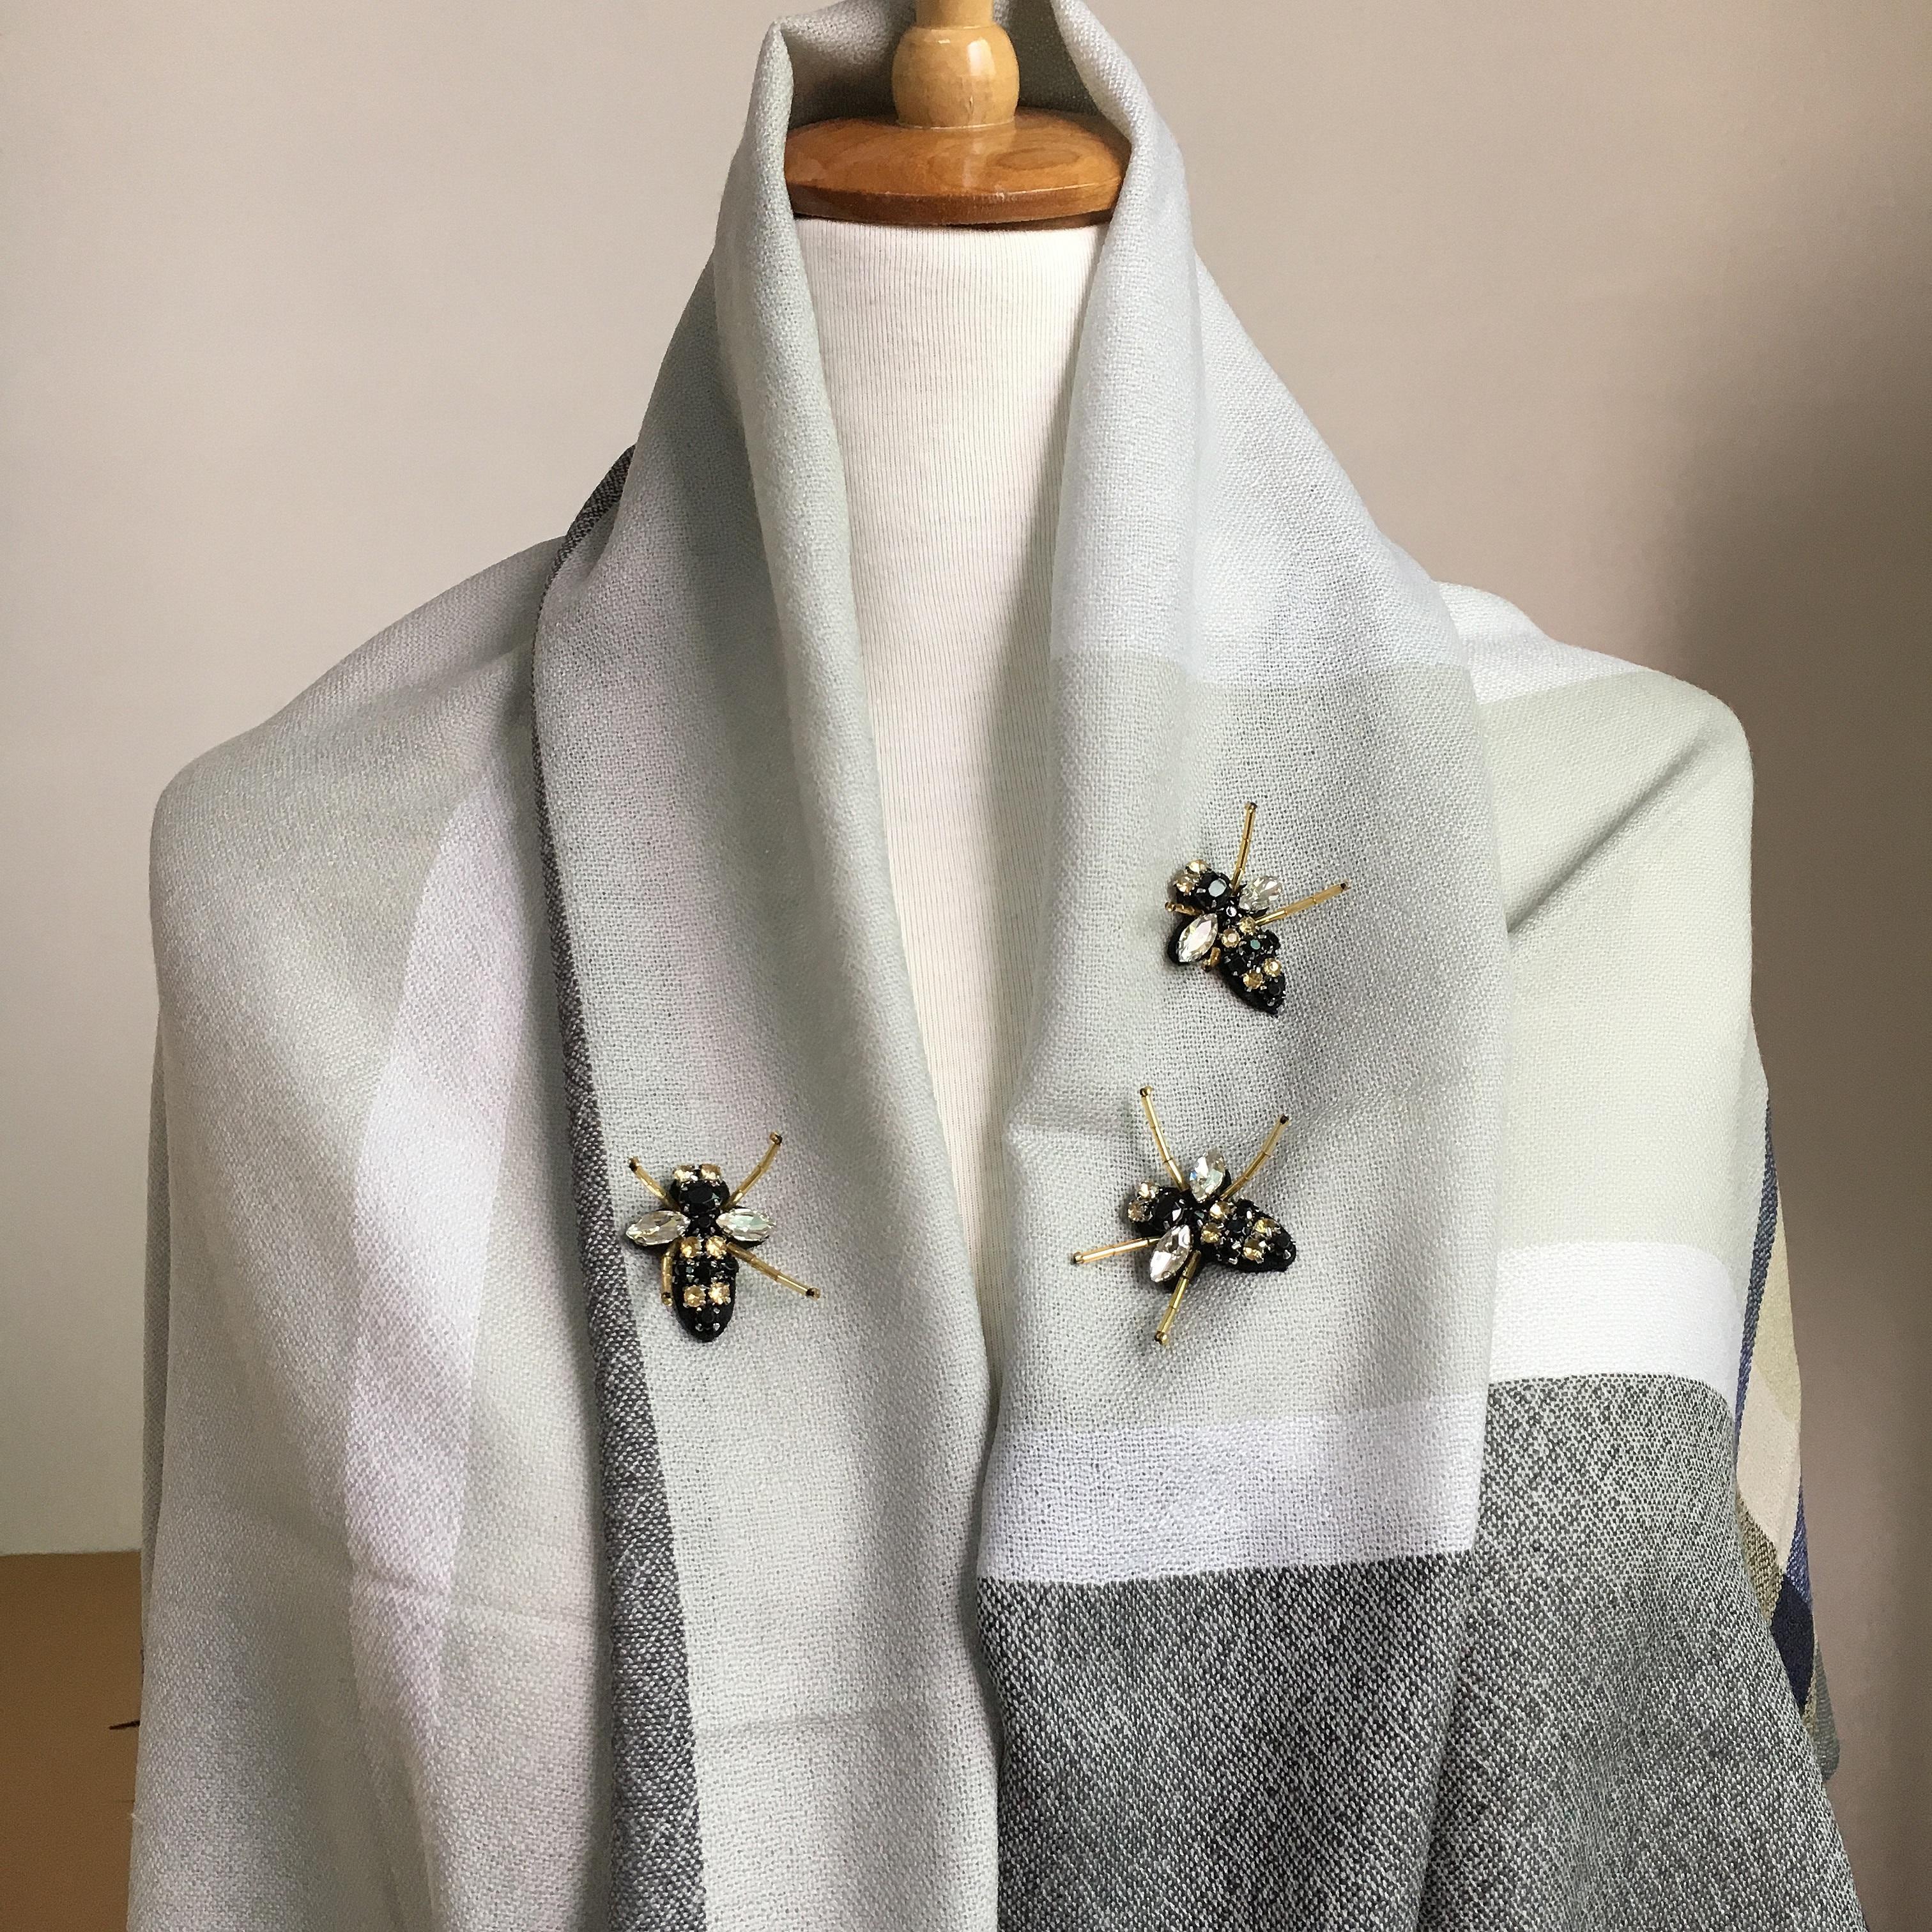 20pc Sy på Beaded Patch Crystal Bee Applique Patches För Klädskor - Konst, hantverk och sömnad - Foto 2